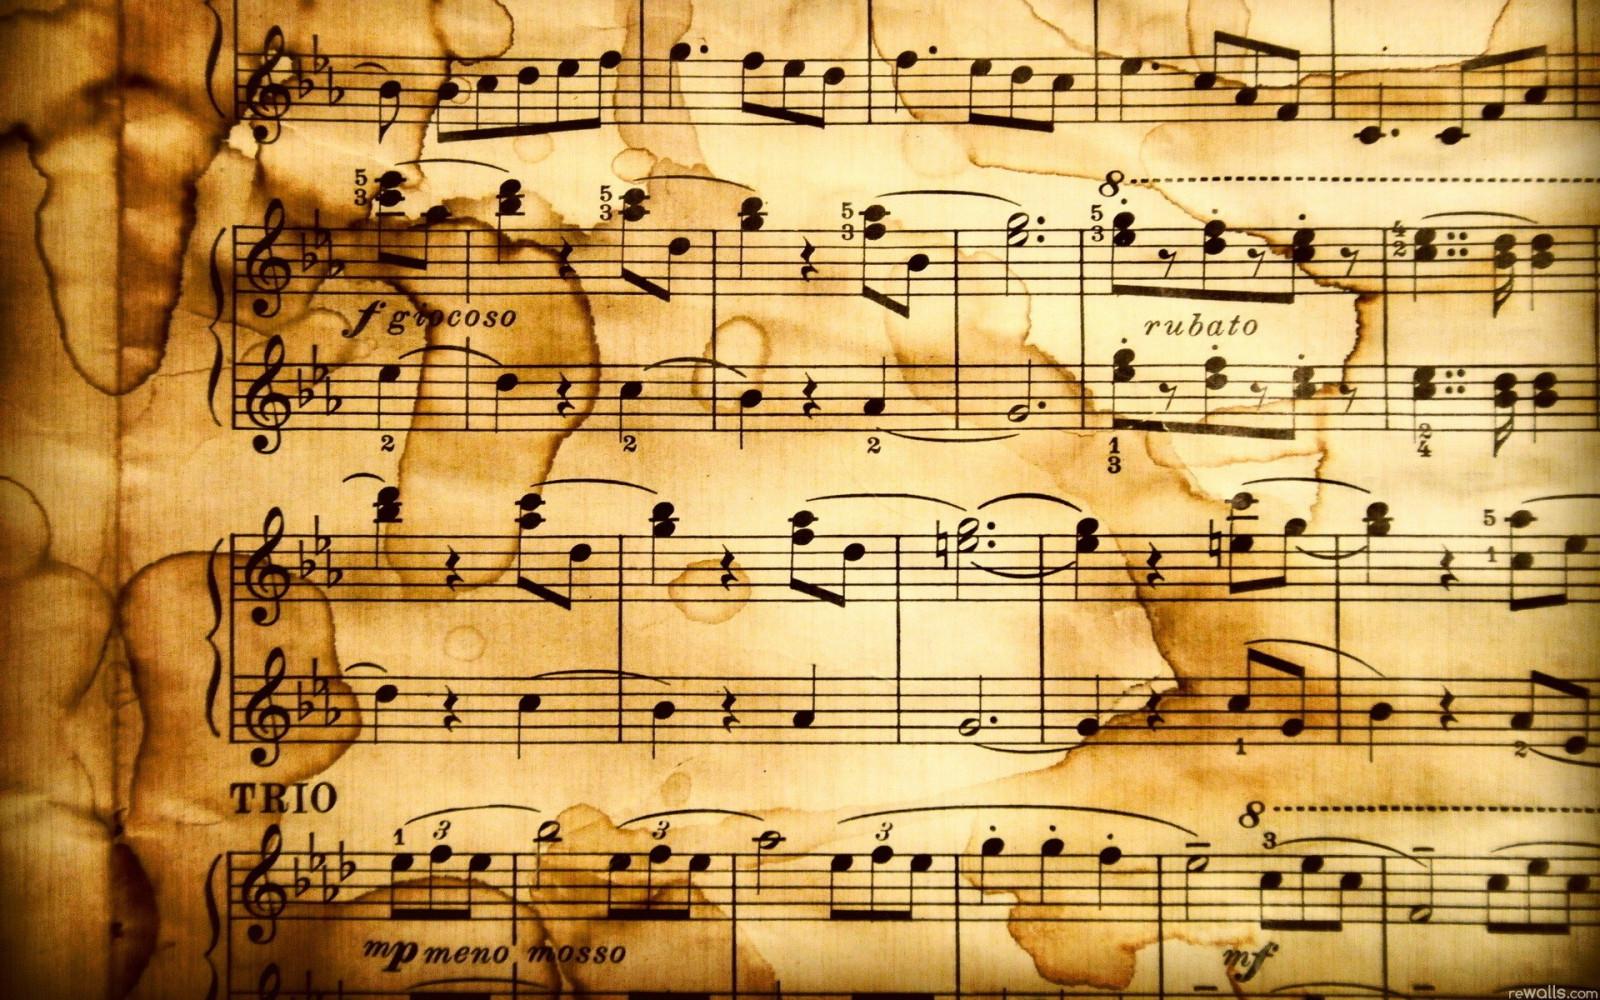 Old Music Score Background 4k Hd Desktop Wallpaper For 4k: Fond D'écran : Dessin, Guitare, Texte, La Musique, Modèle